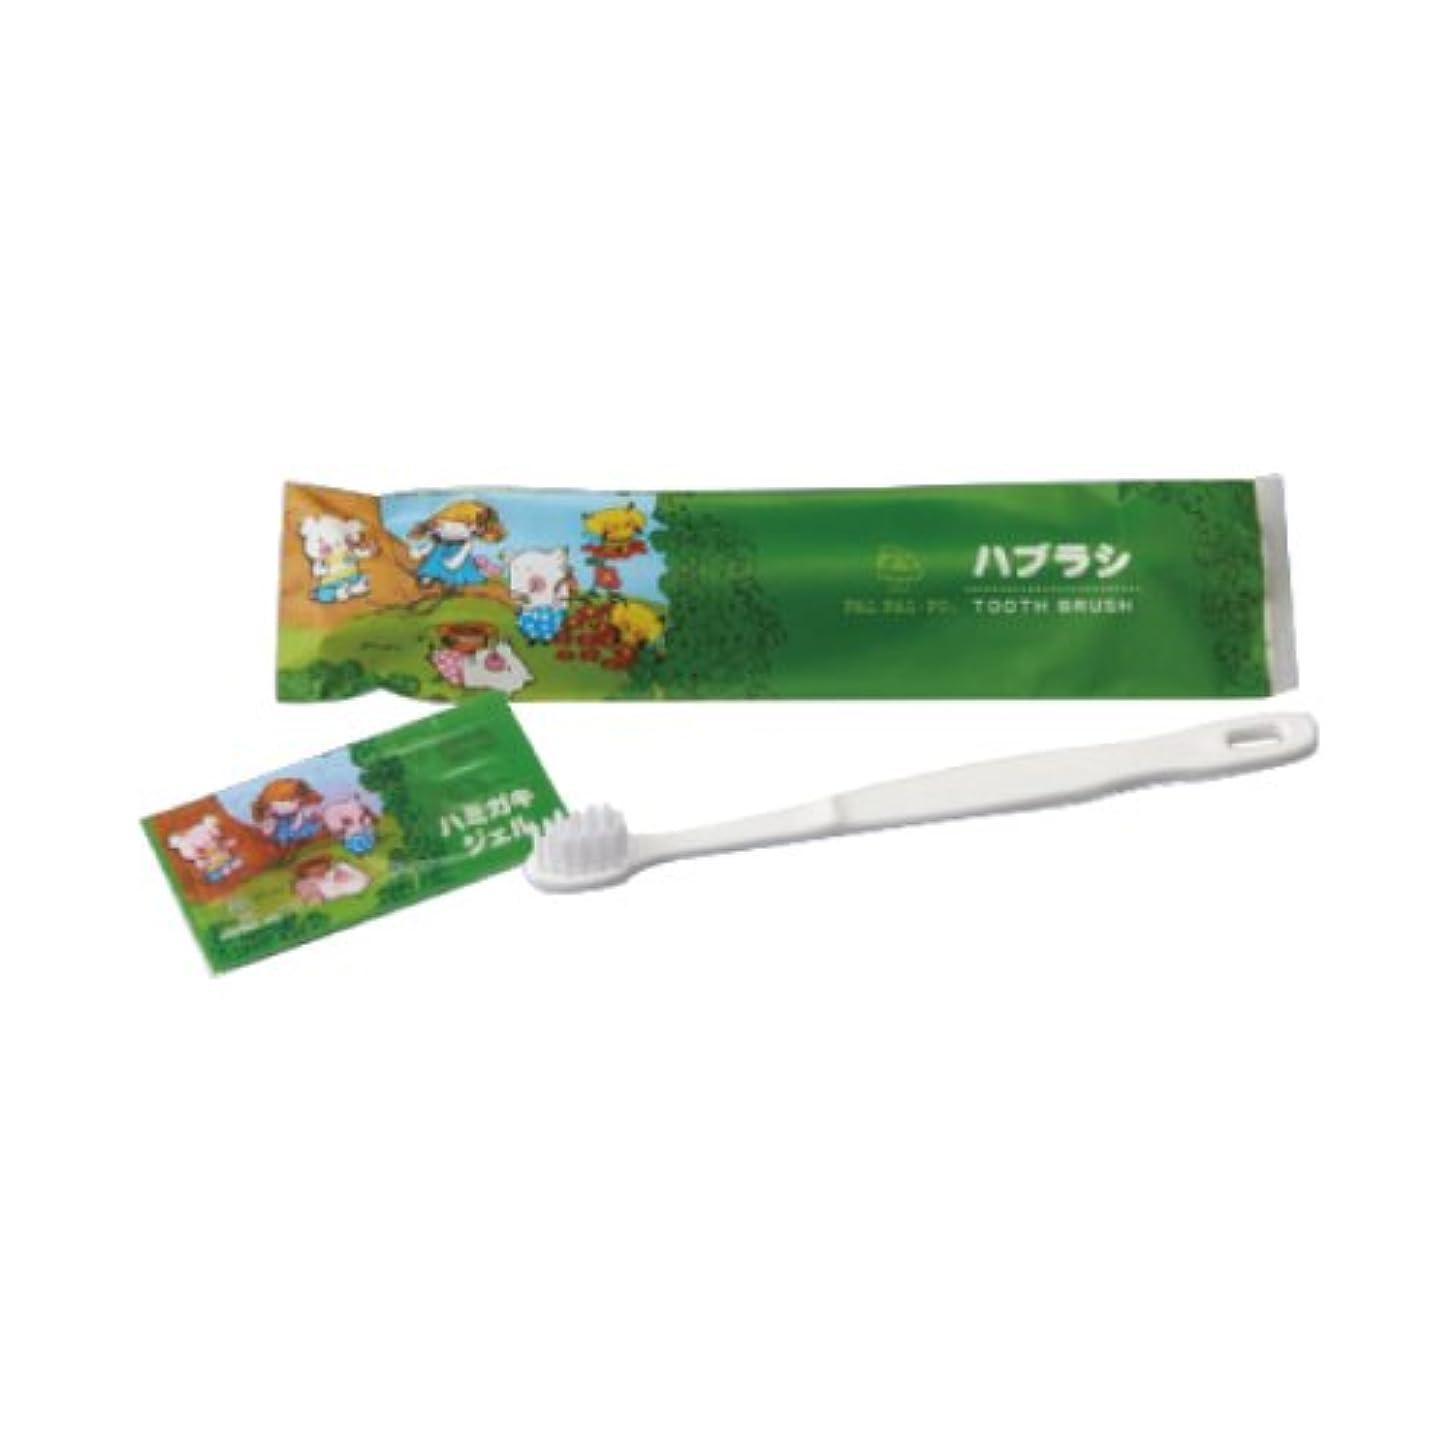 橋伝染病傾向パルパルポー 子ども用ハブラシ いちご味ジェル付 300本